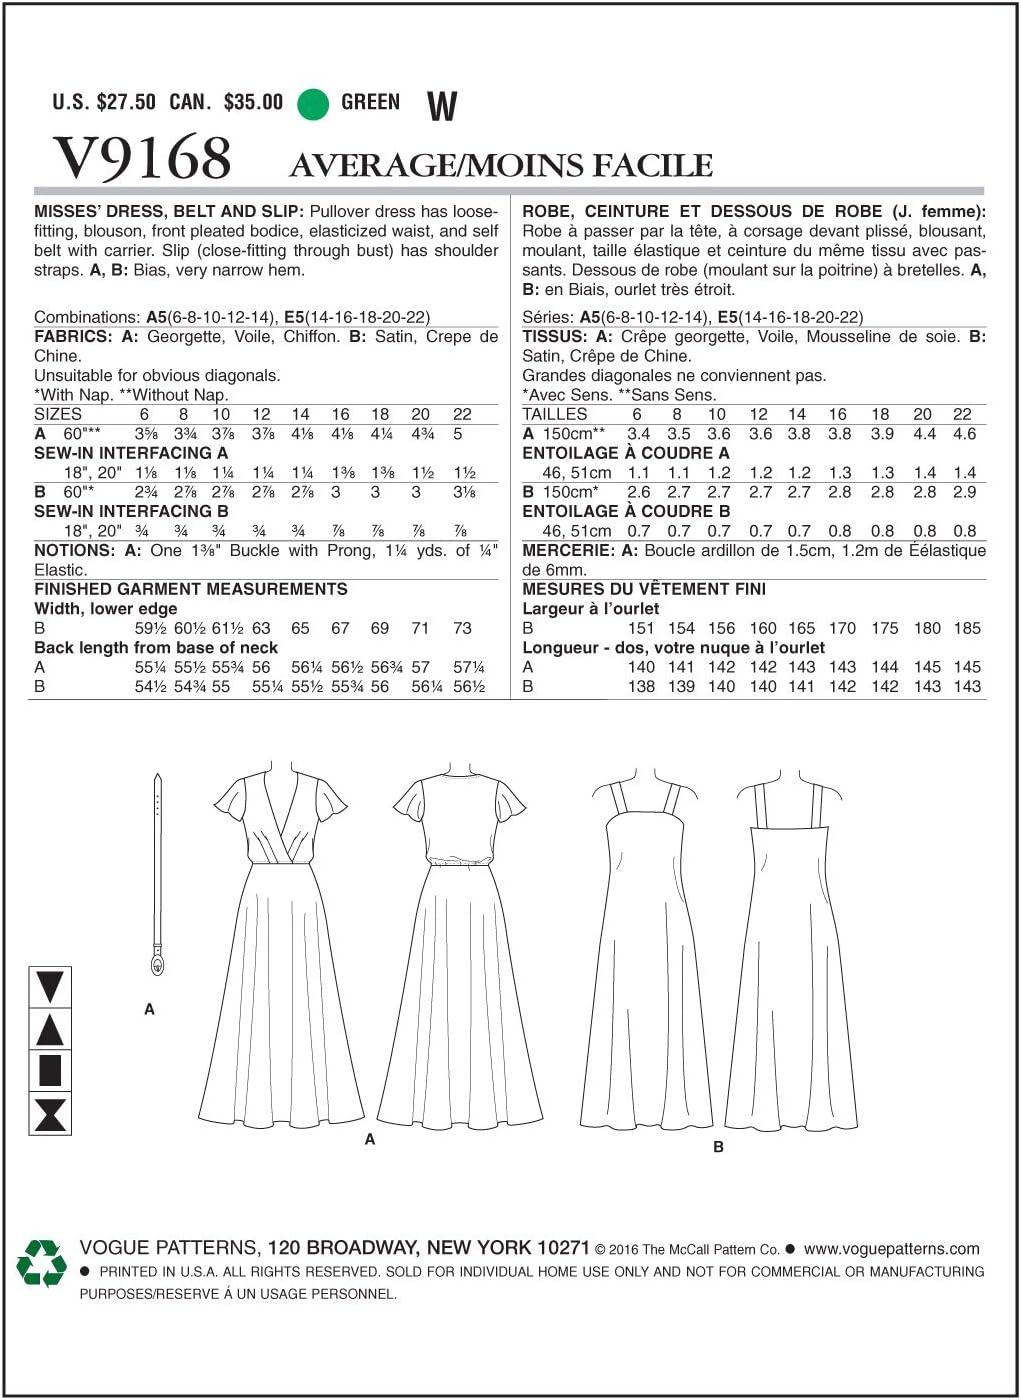 14-16-18-20-22 Multi-Colour, VOGUE PATTERNS 9168 E5,Misses Dress,Belt and Slip,Sizes 14-22